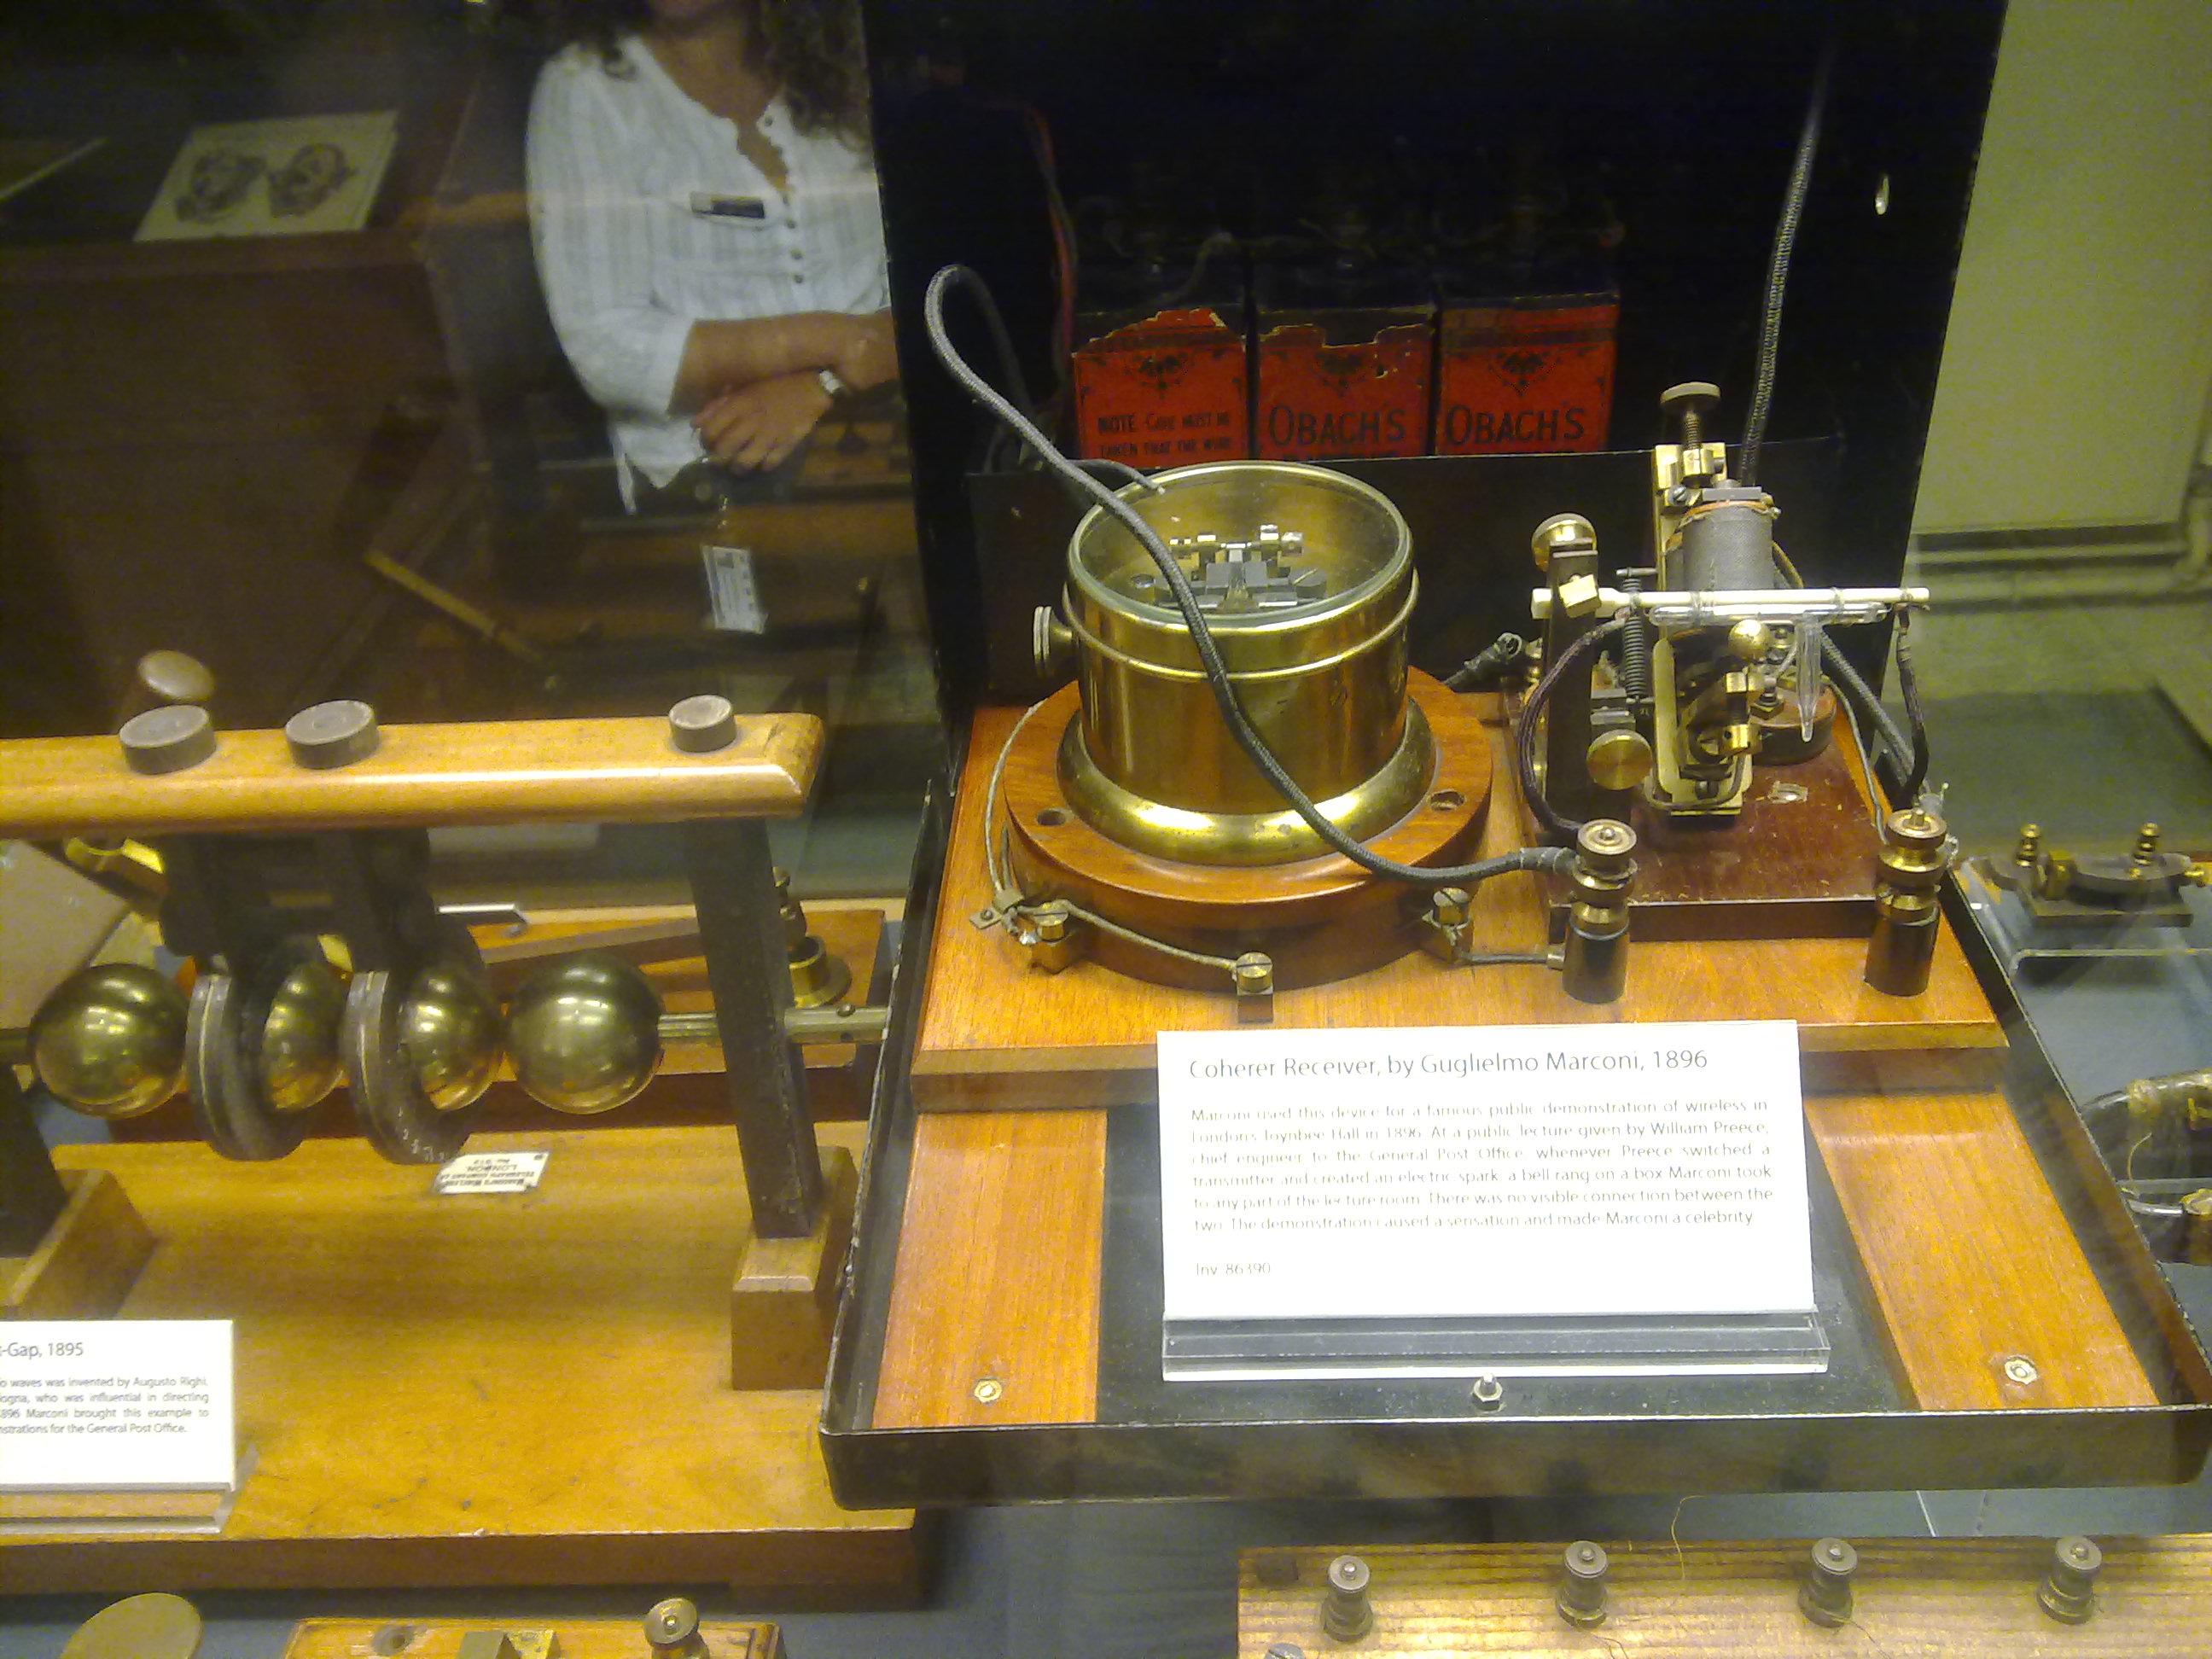 Telégrafo de G.Marconi